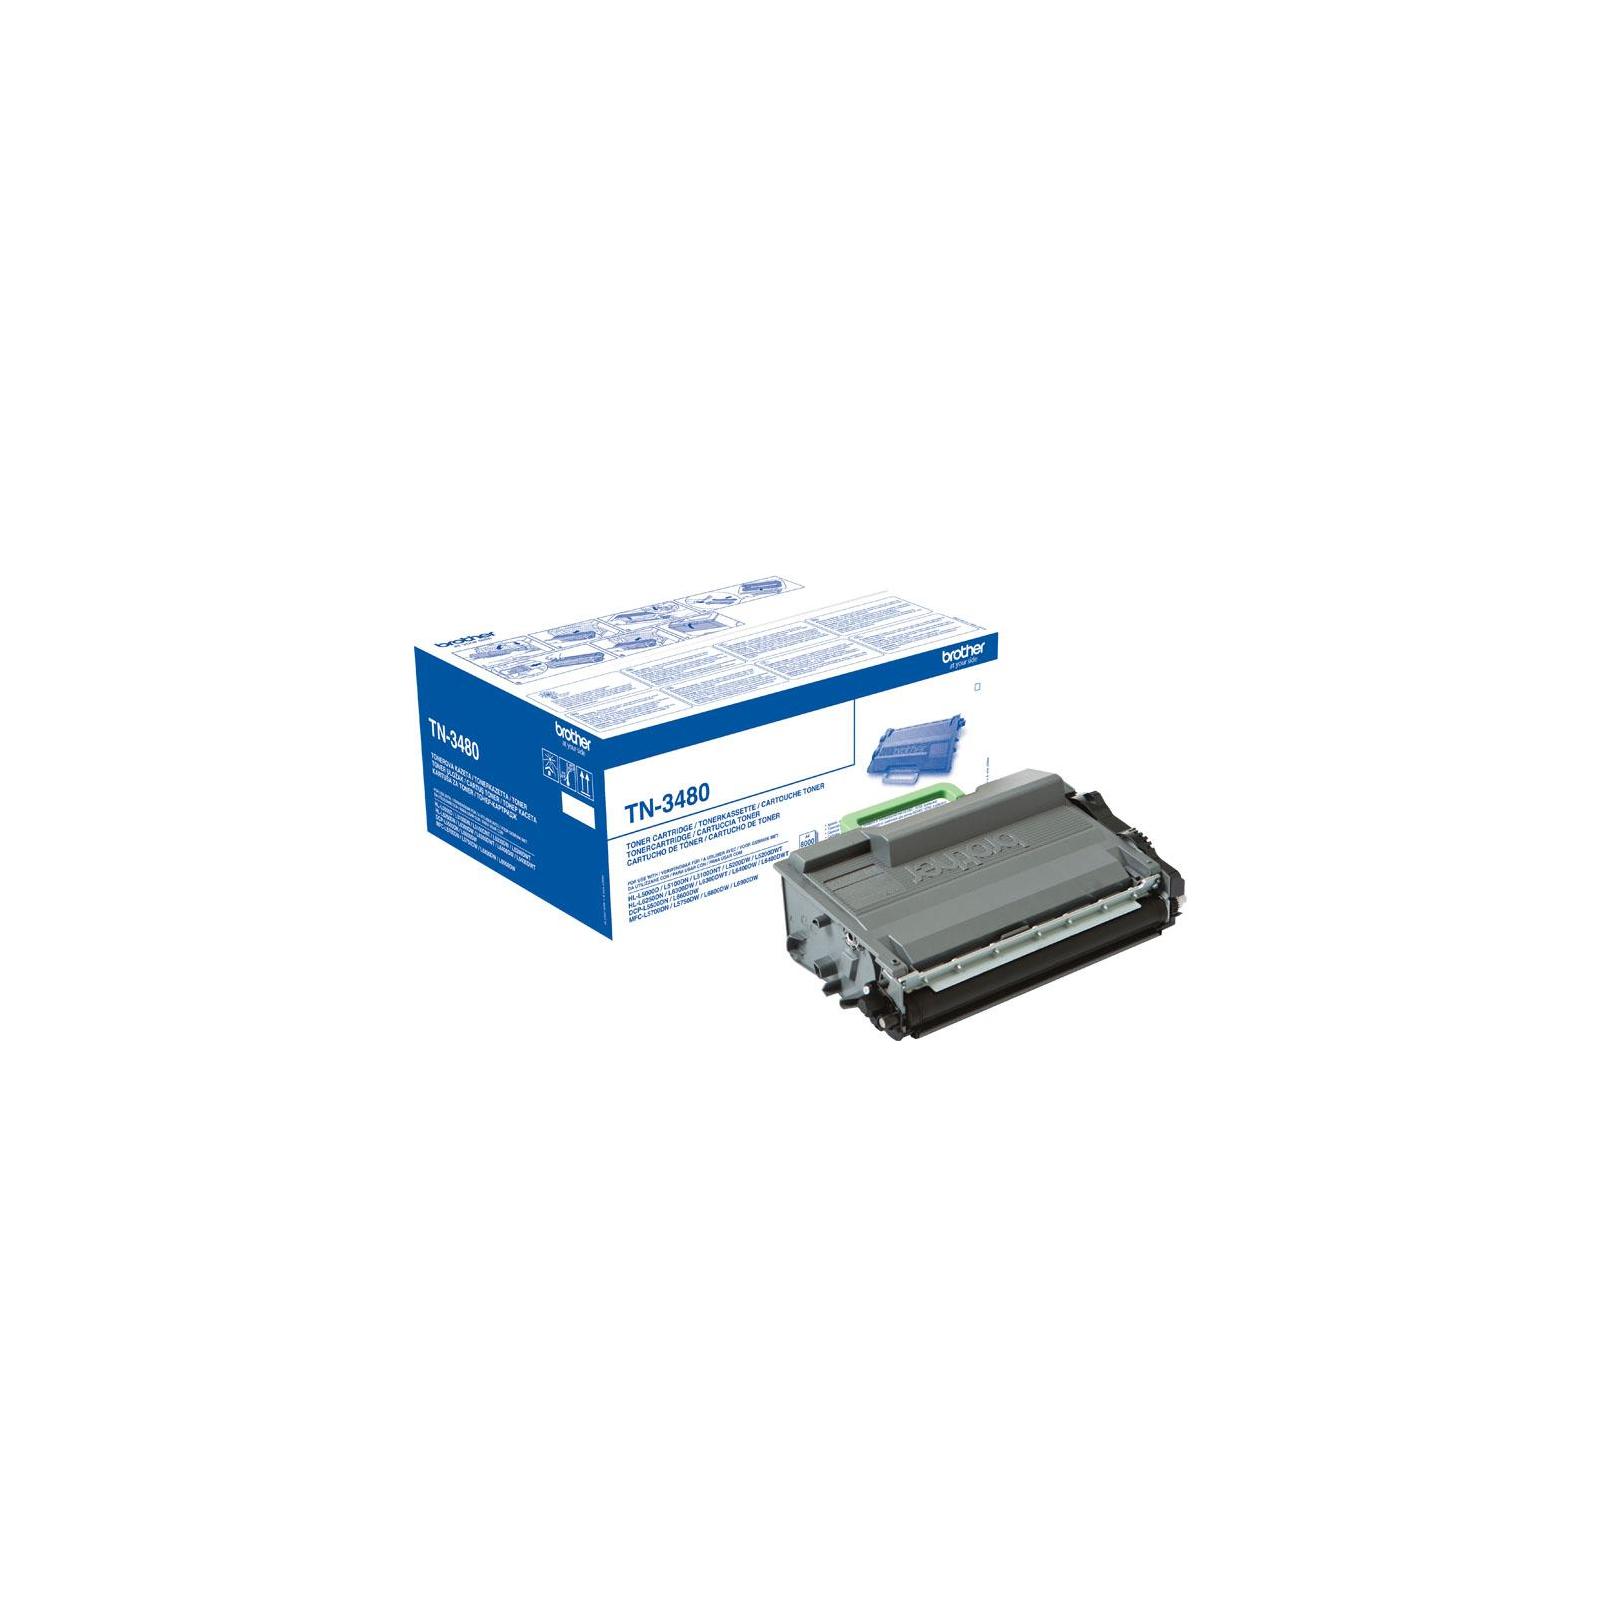 Картридж Brother HL-L5000/5100/6250, DCP-L5500, MFC-L5700, 8K (TN3480) изображение 2